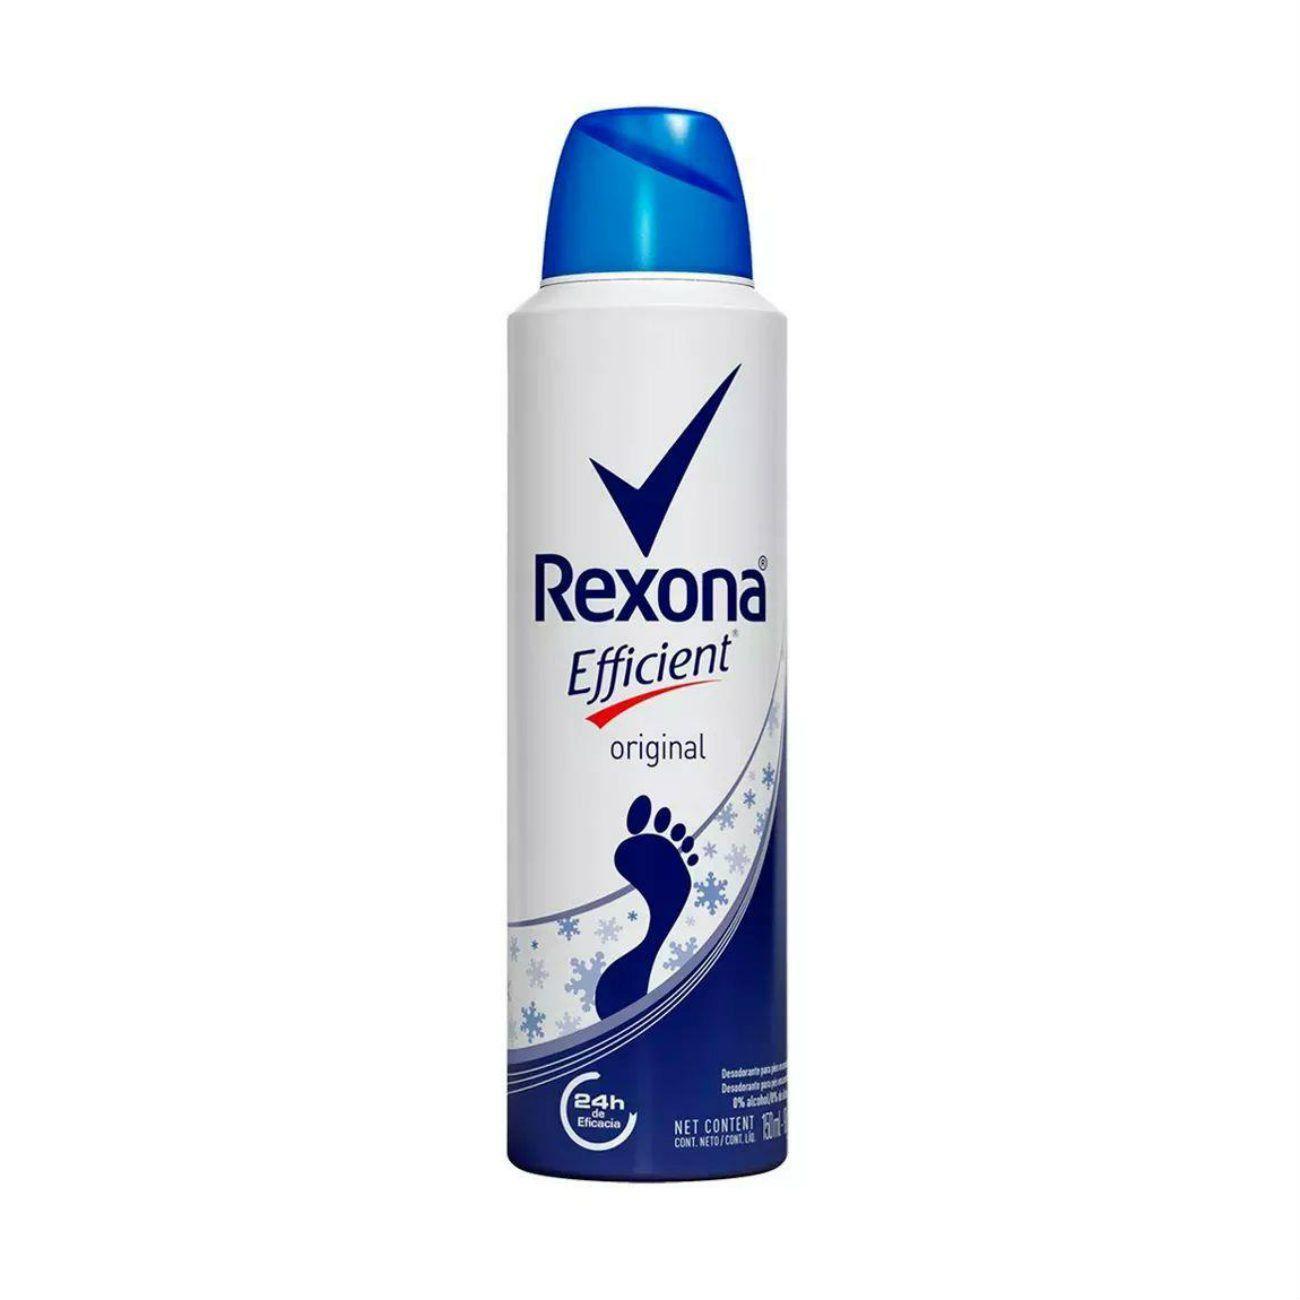 Desodorante Aerosol Rexona Efficient Original para os pés